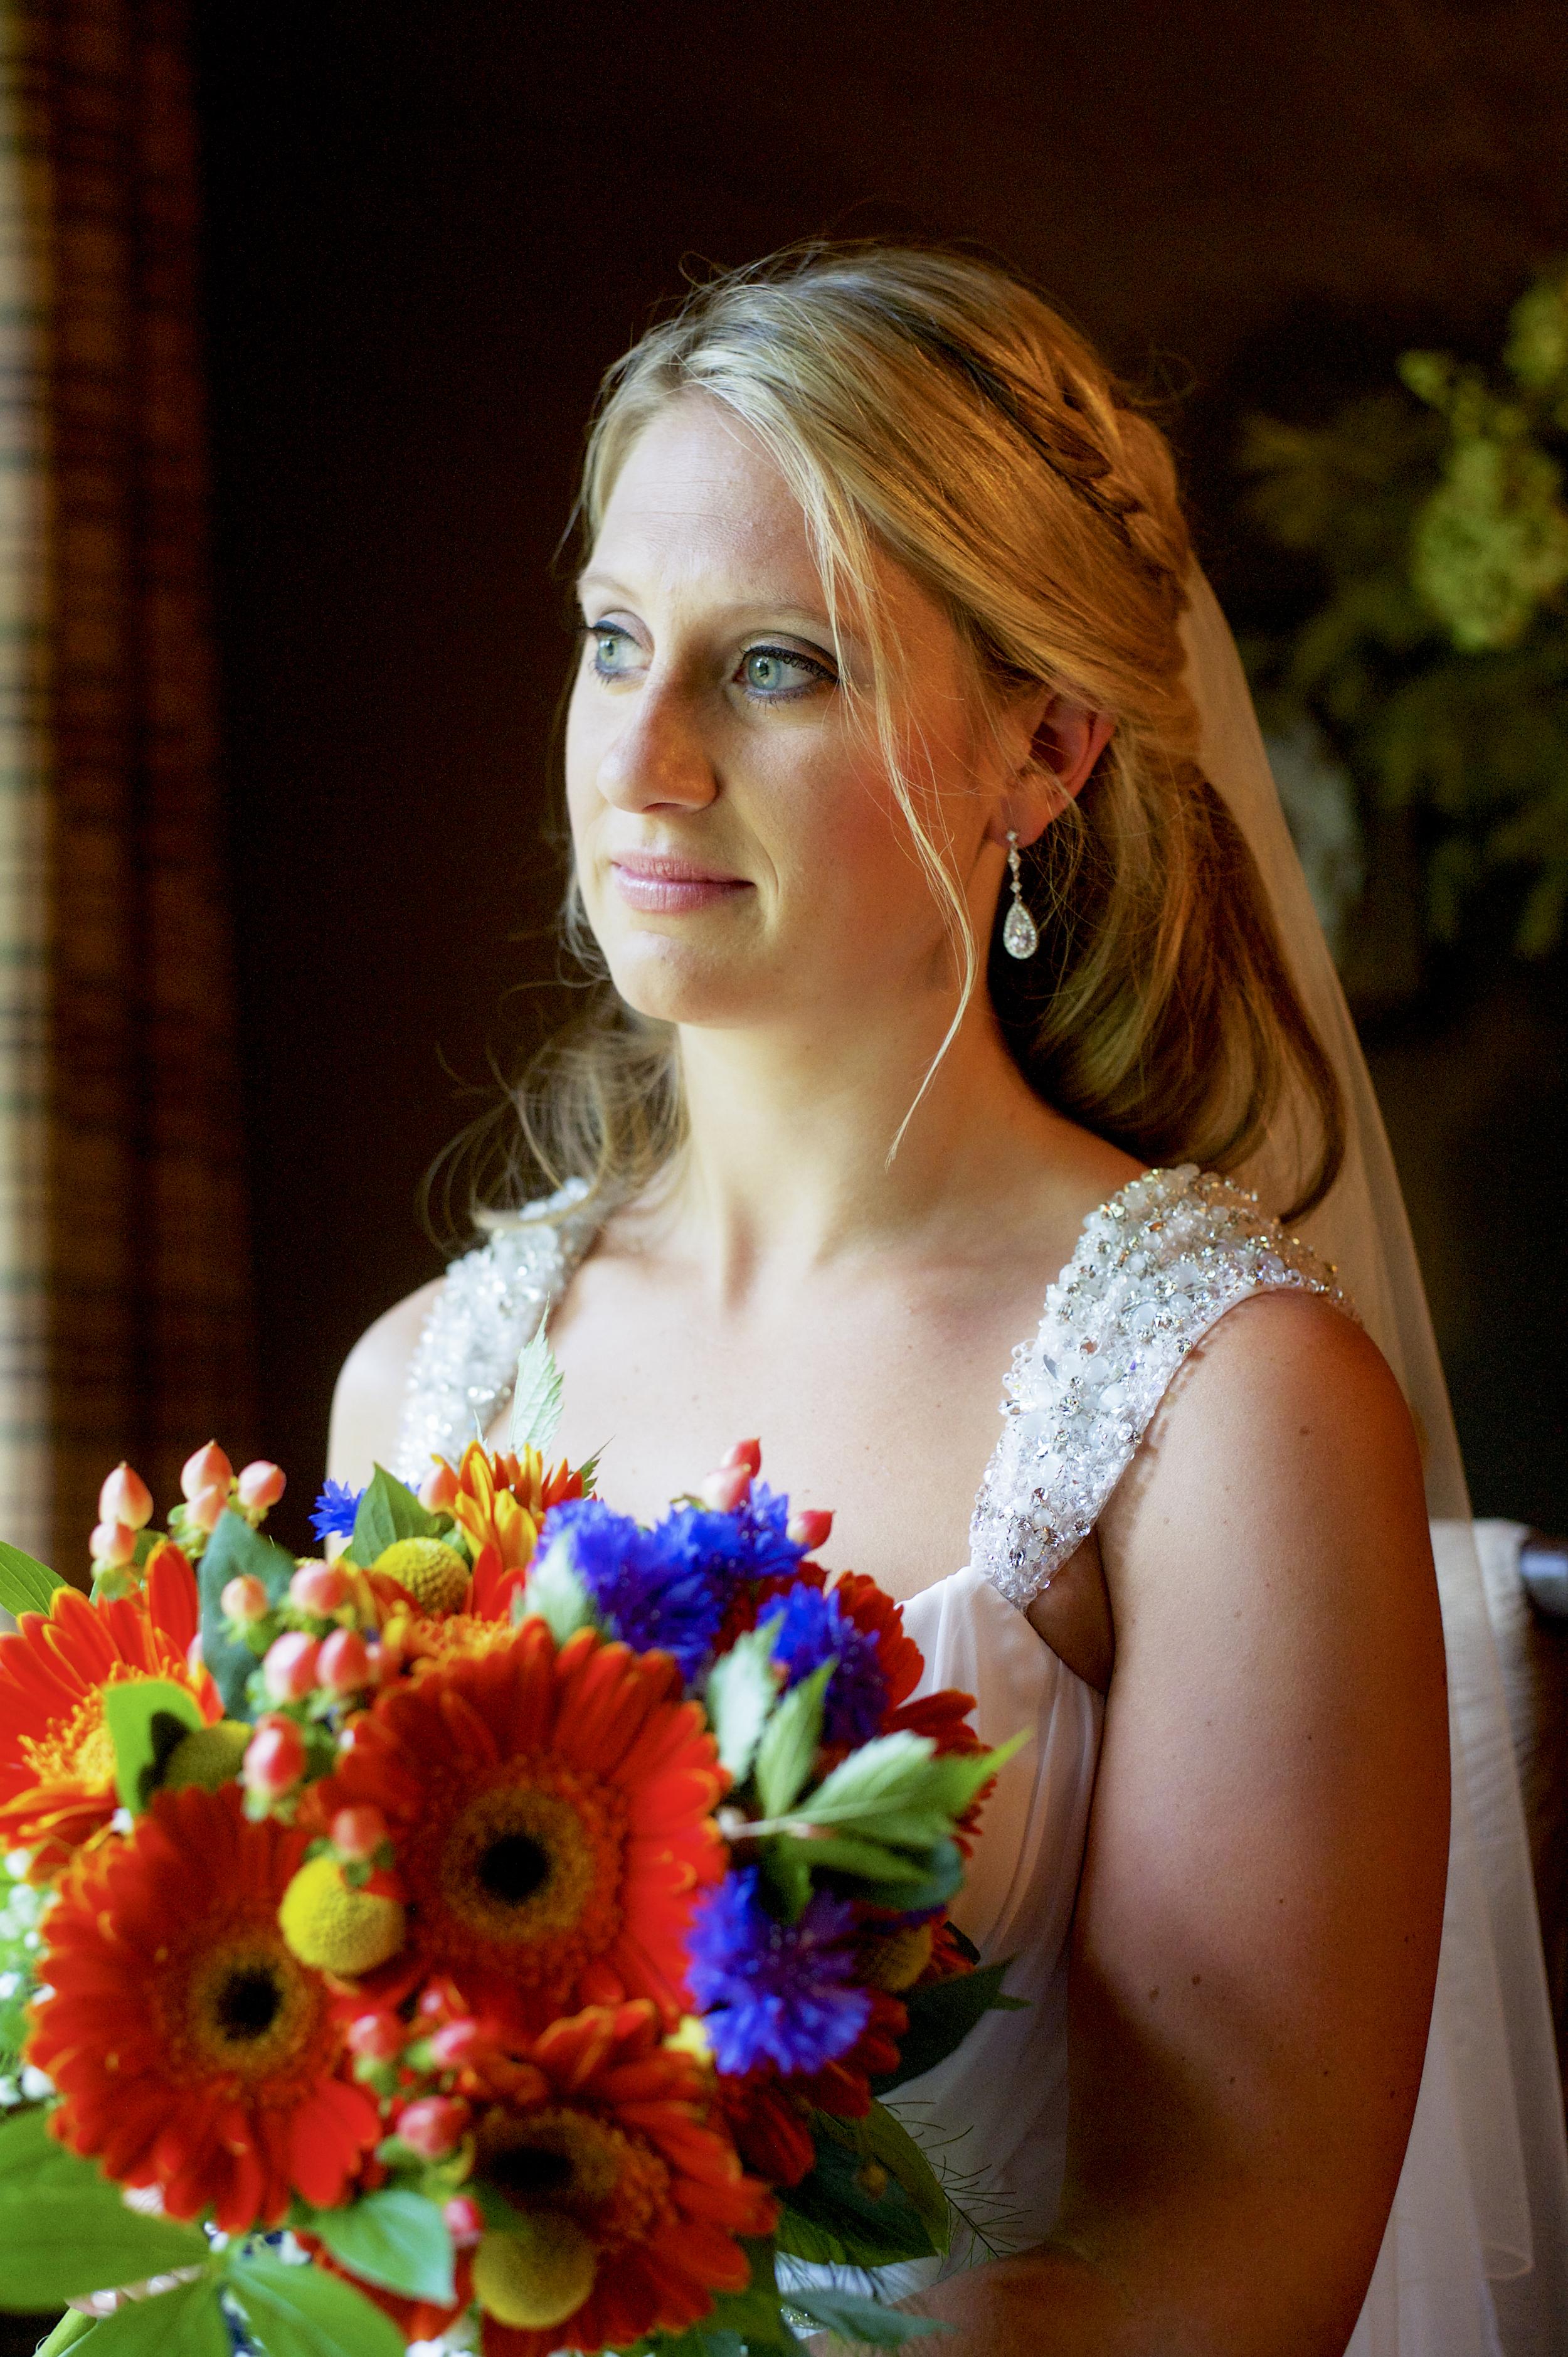 summer_wedding_bouquet_orange_daisies